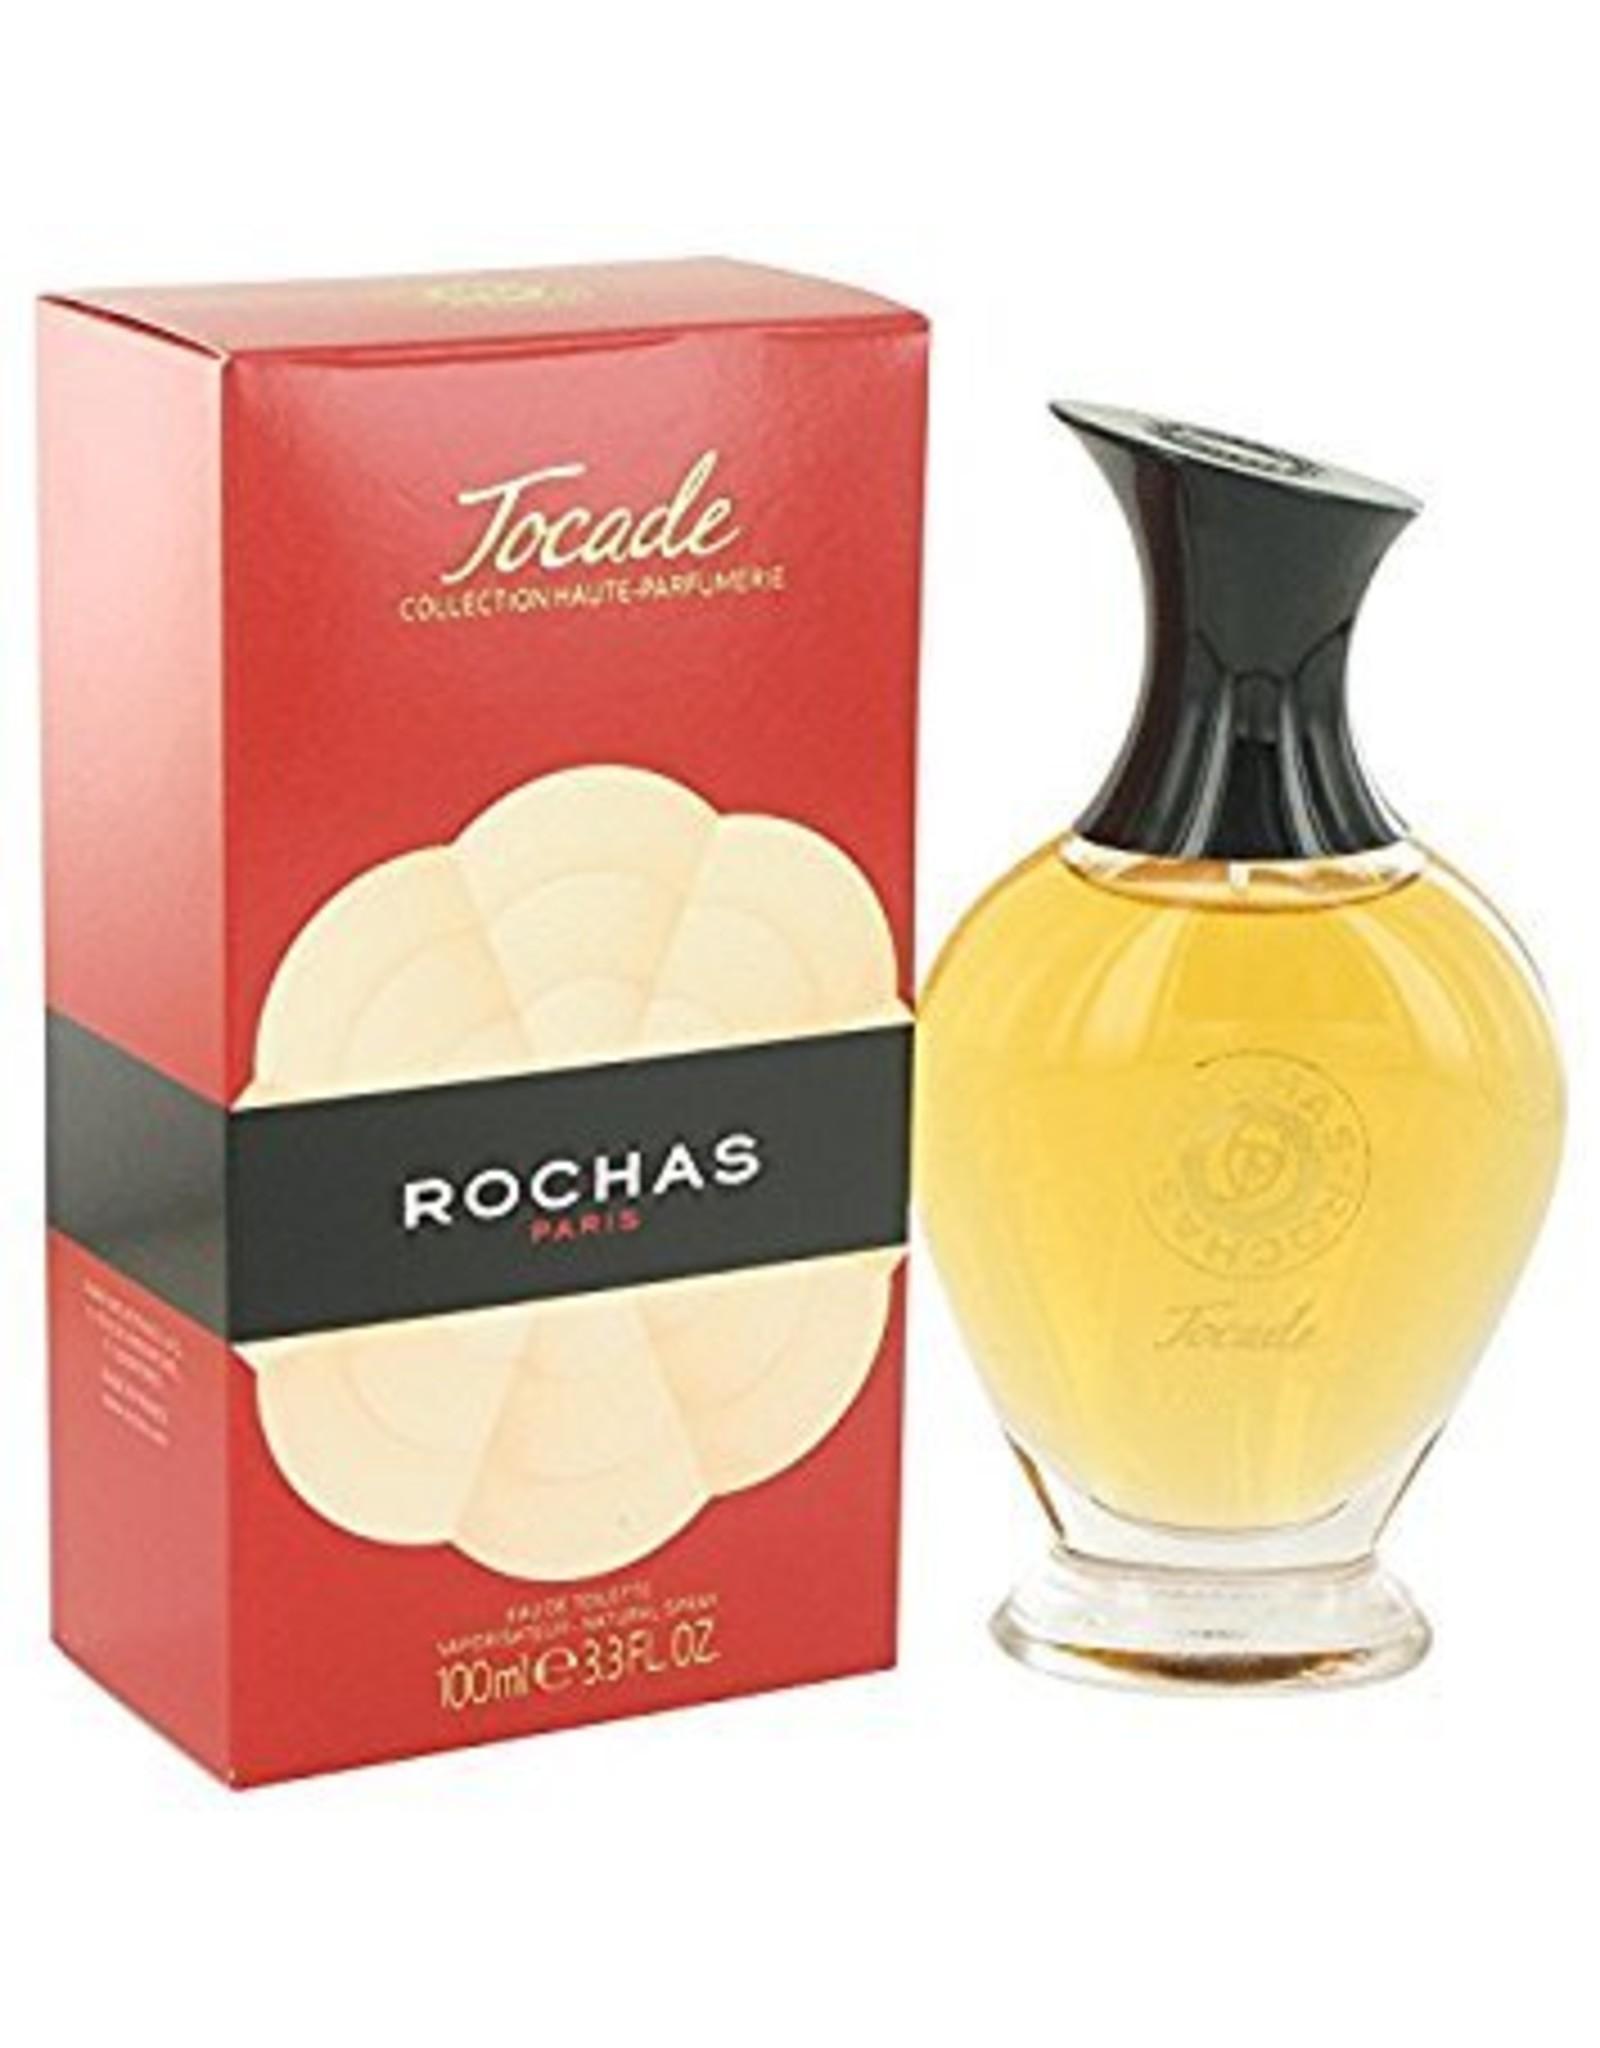 ROCHAS ROCHAS TOCADE